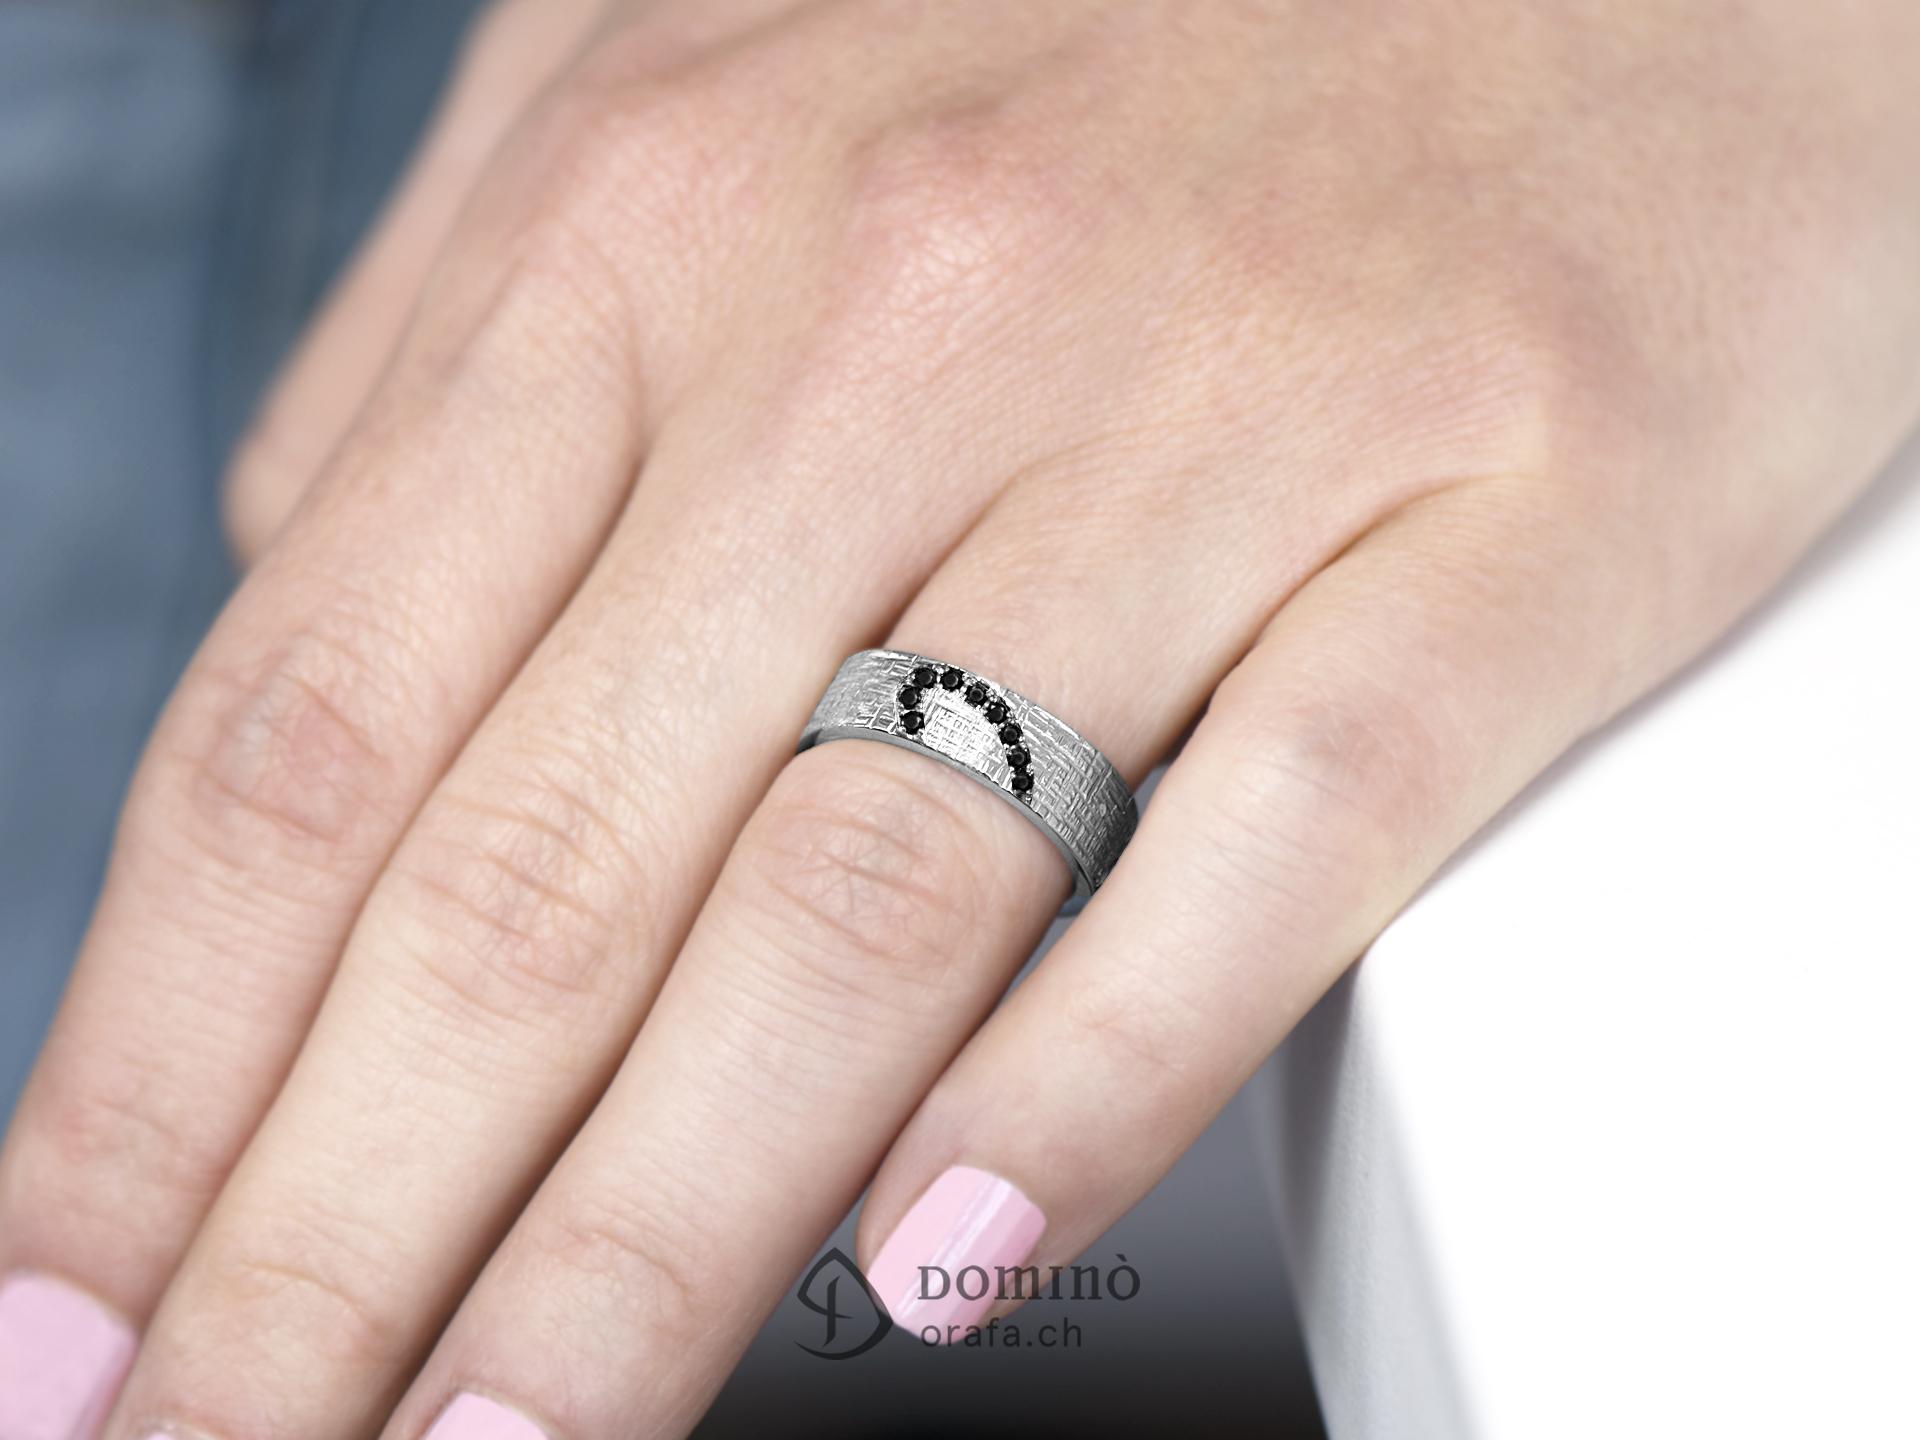 fedi-nuziali-linee-incrociate-contorno-cuore-diamanti-2